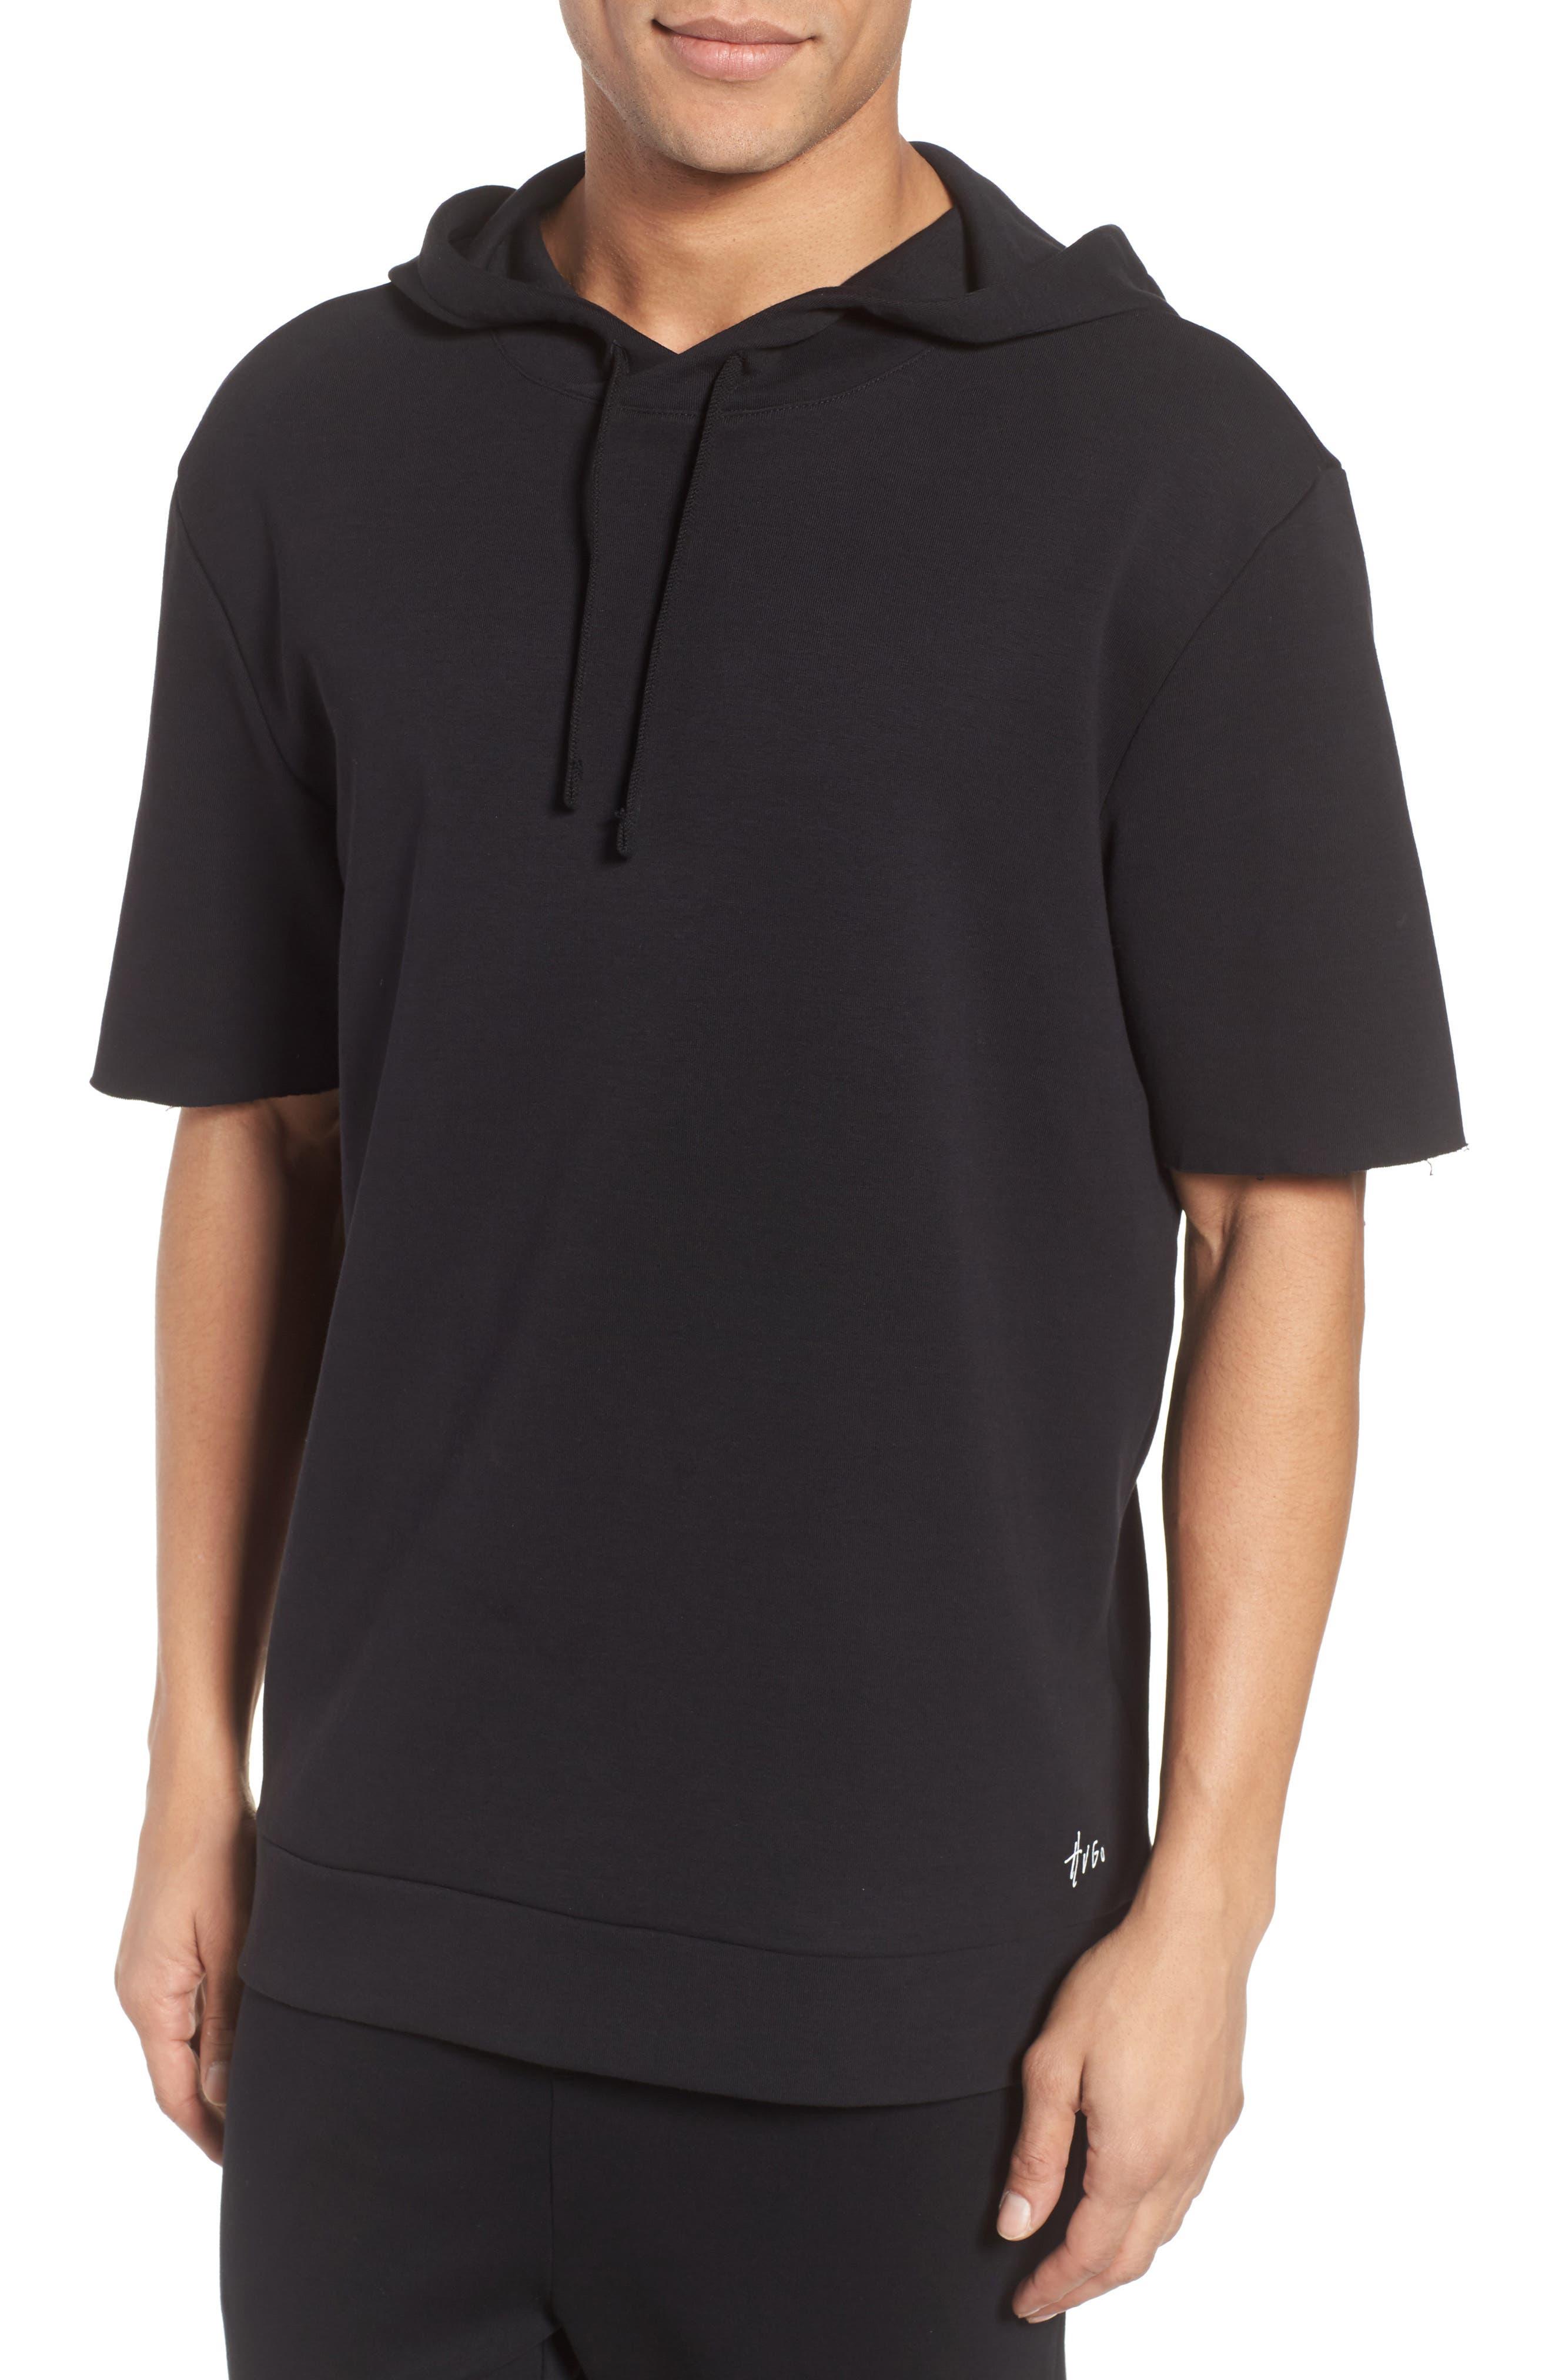 Drib Short Sleeve Hoodie,                         Main,                         color, Black